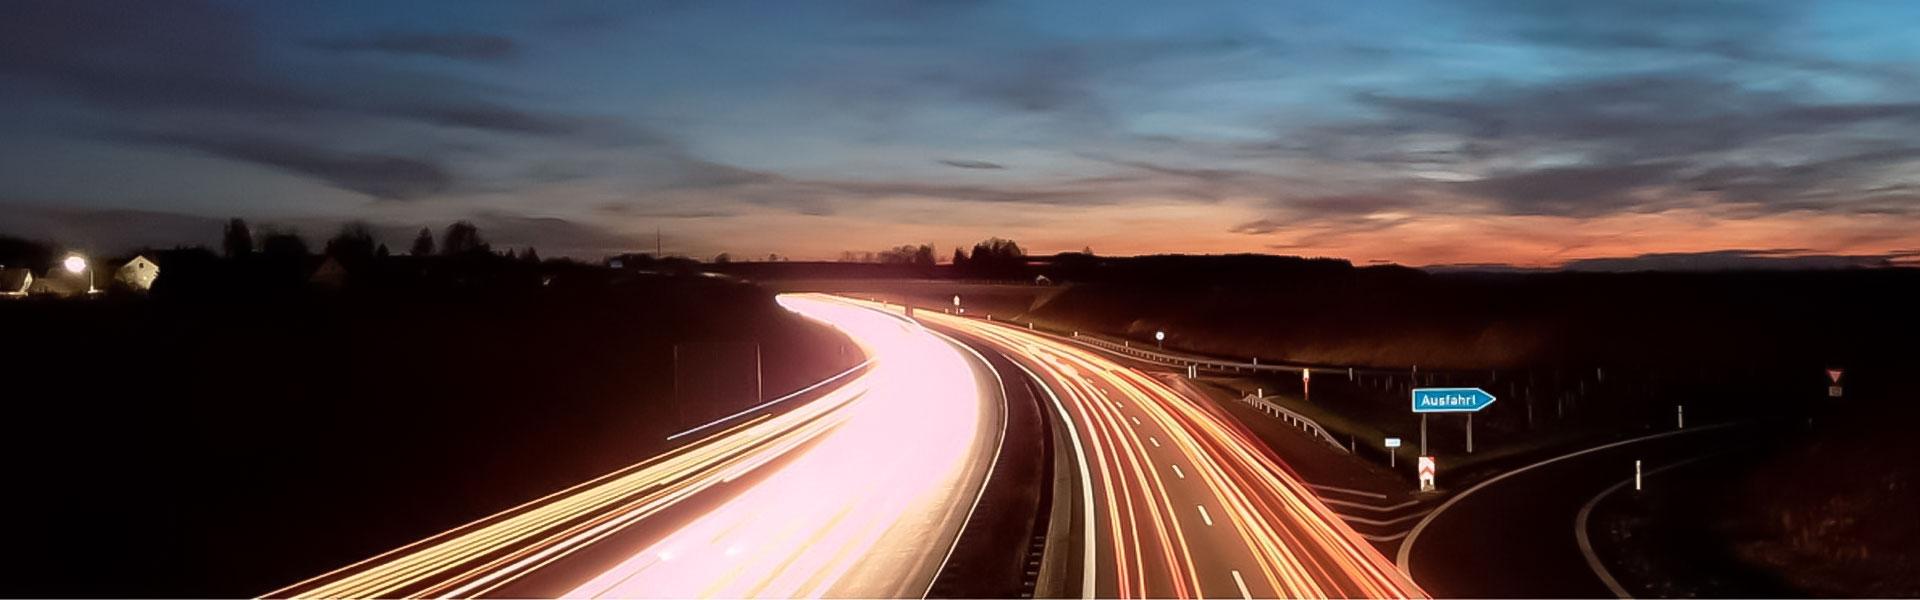 1-ipo-gmbh-greifswald-Ortsumgehungen,-Landes-,-Kreis-,-und-Gemeindestraßen-bis-zu-Busbahnöfen,-Parkplätzen,-Kreuzungen-und-Kreisverkehrsplätzen-sowie-Radwegen